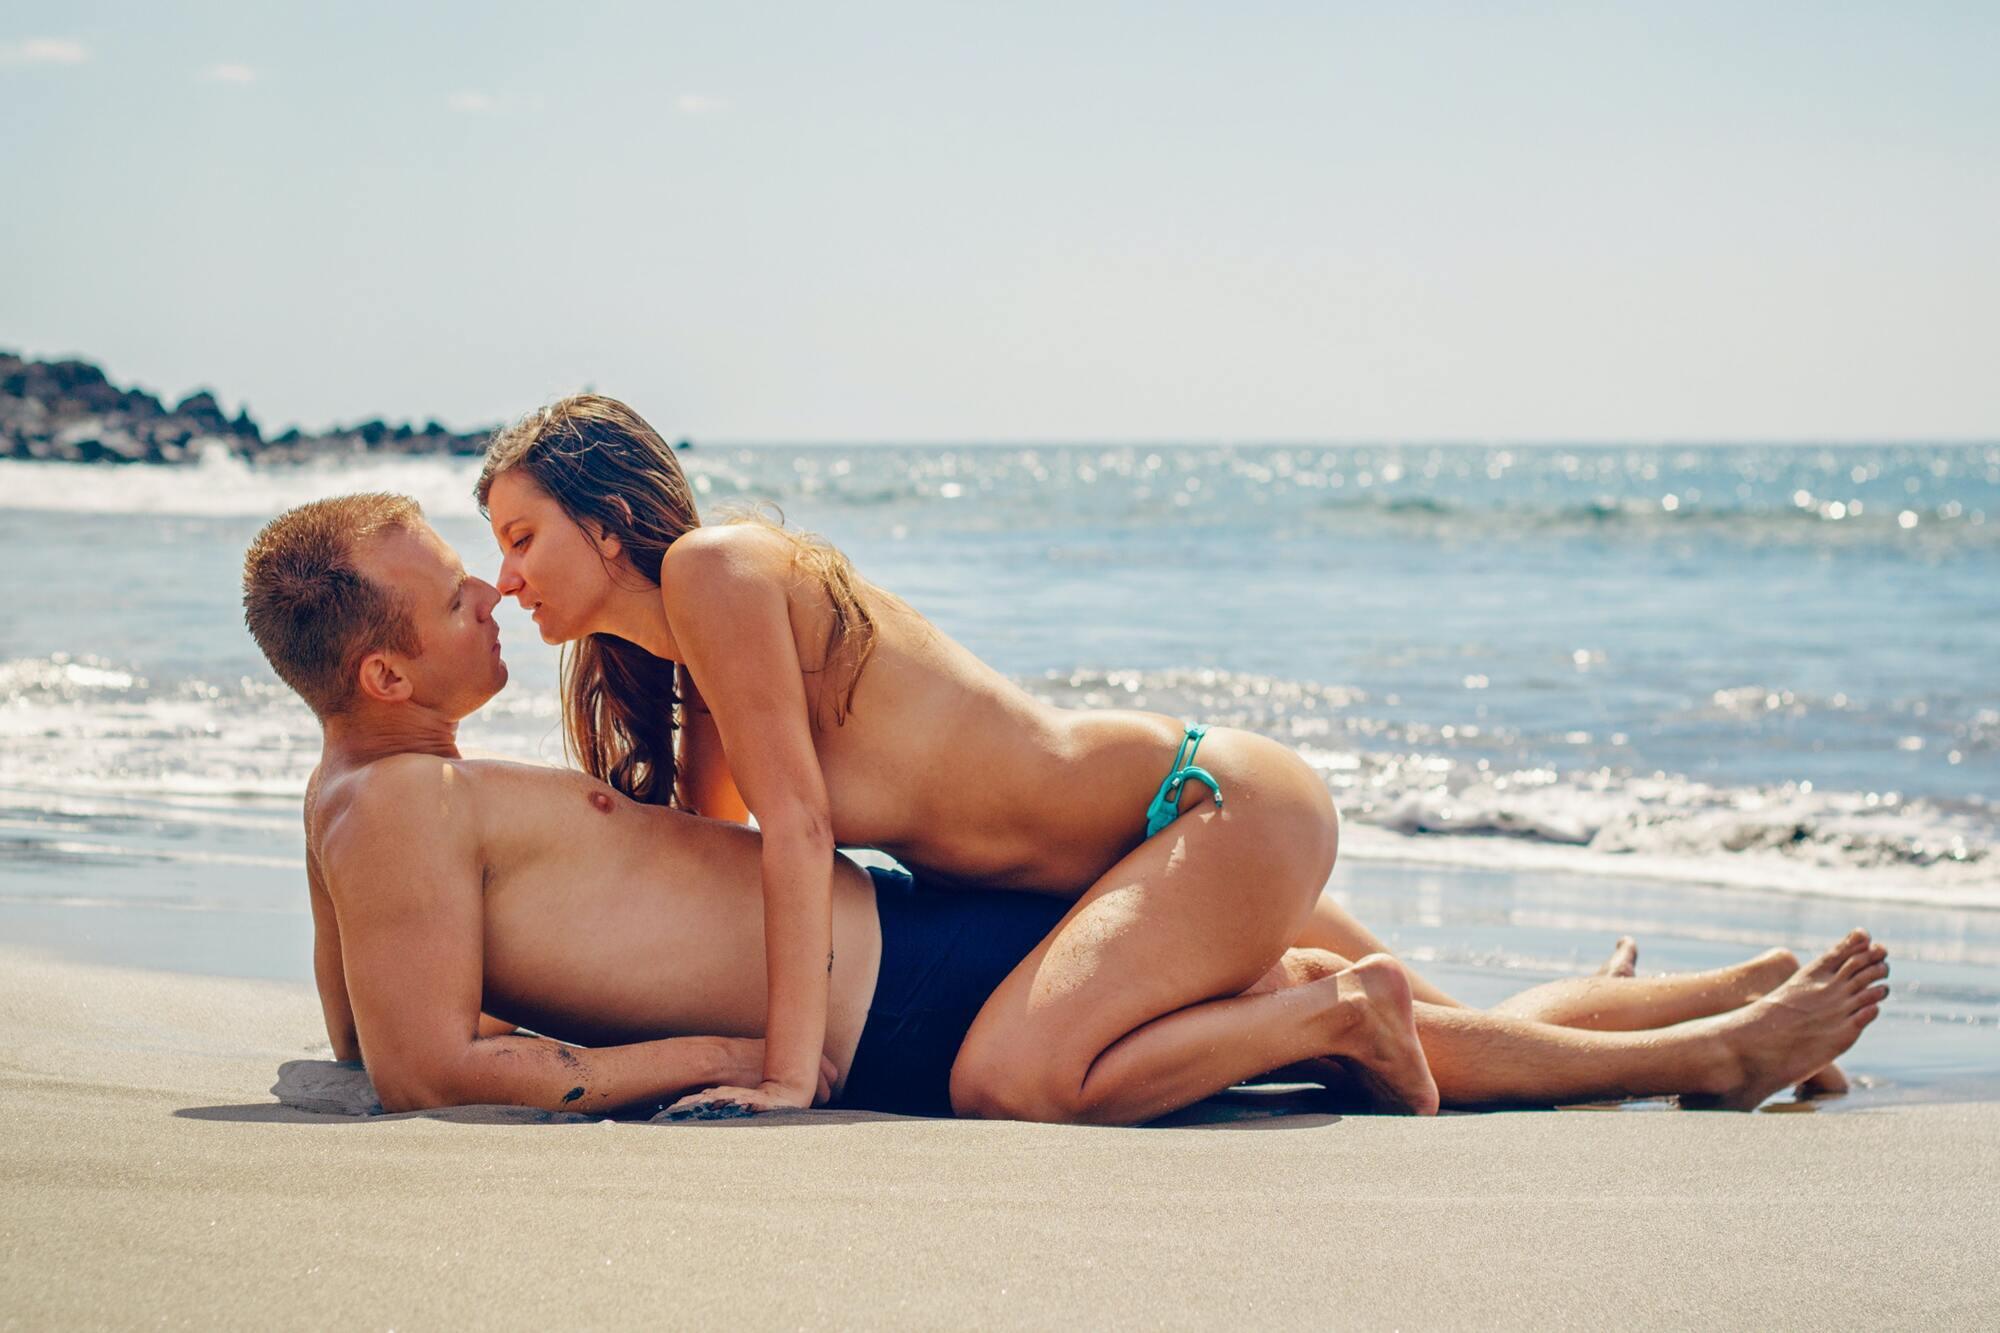 Секс позитивно впливає на здоров'я та емоційний стан і жінки